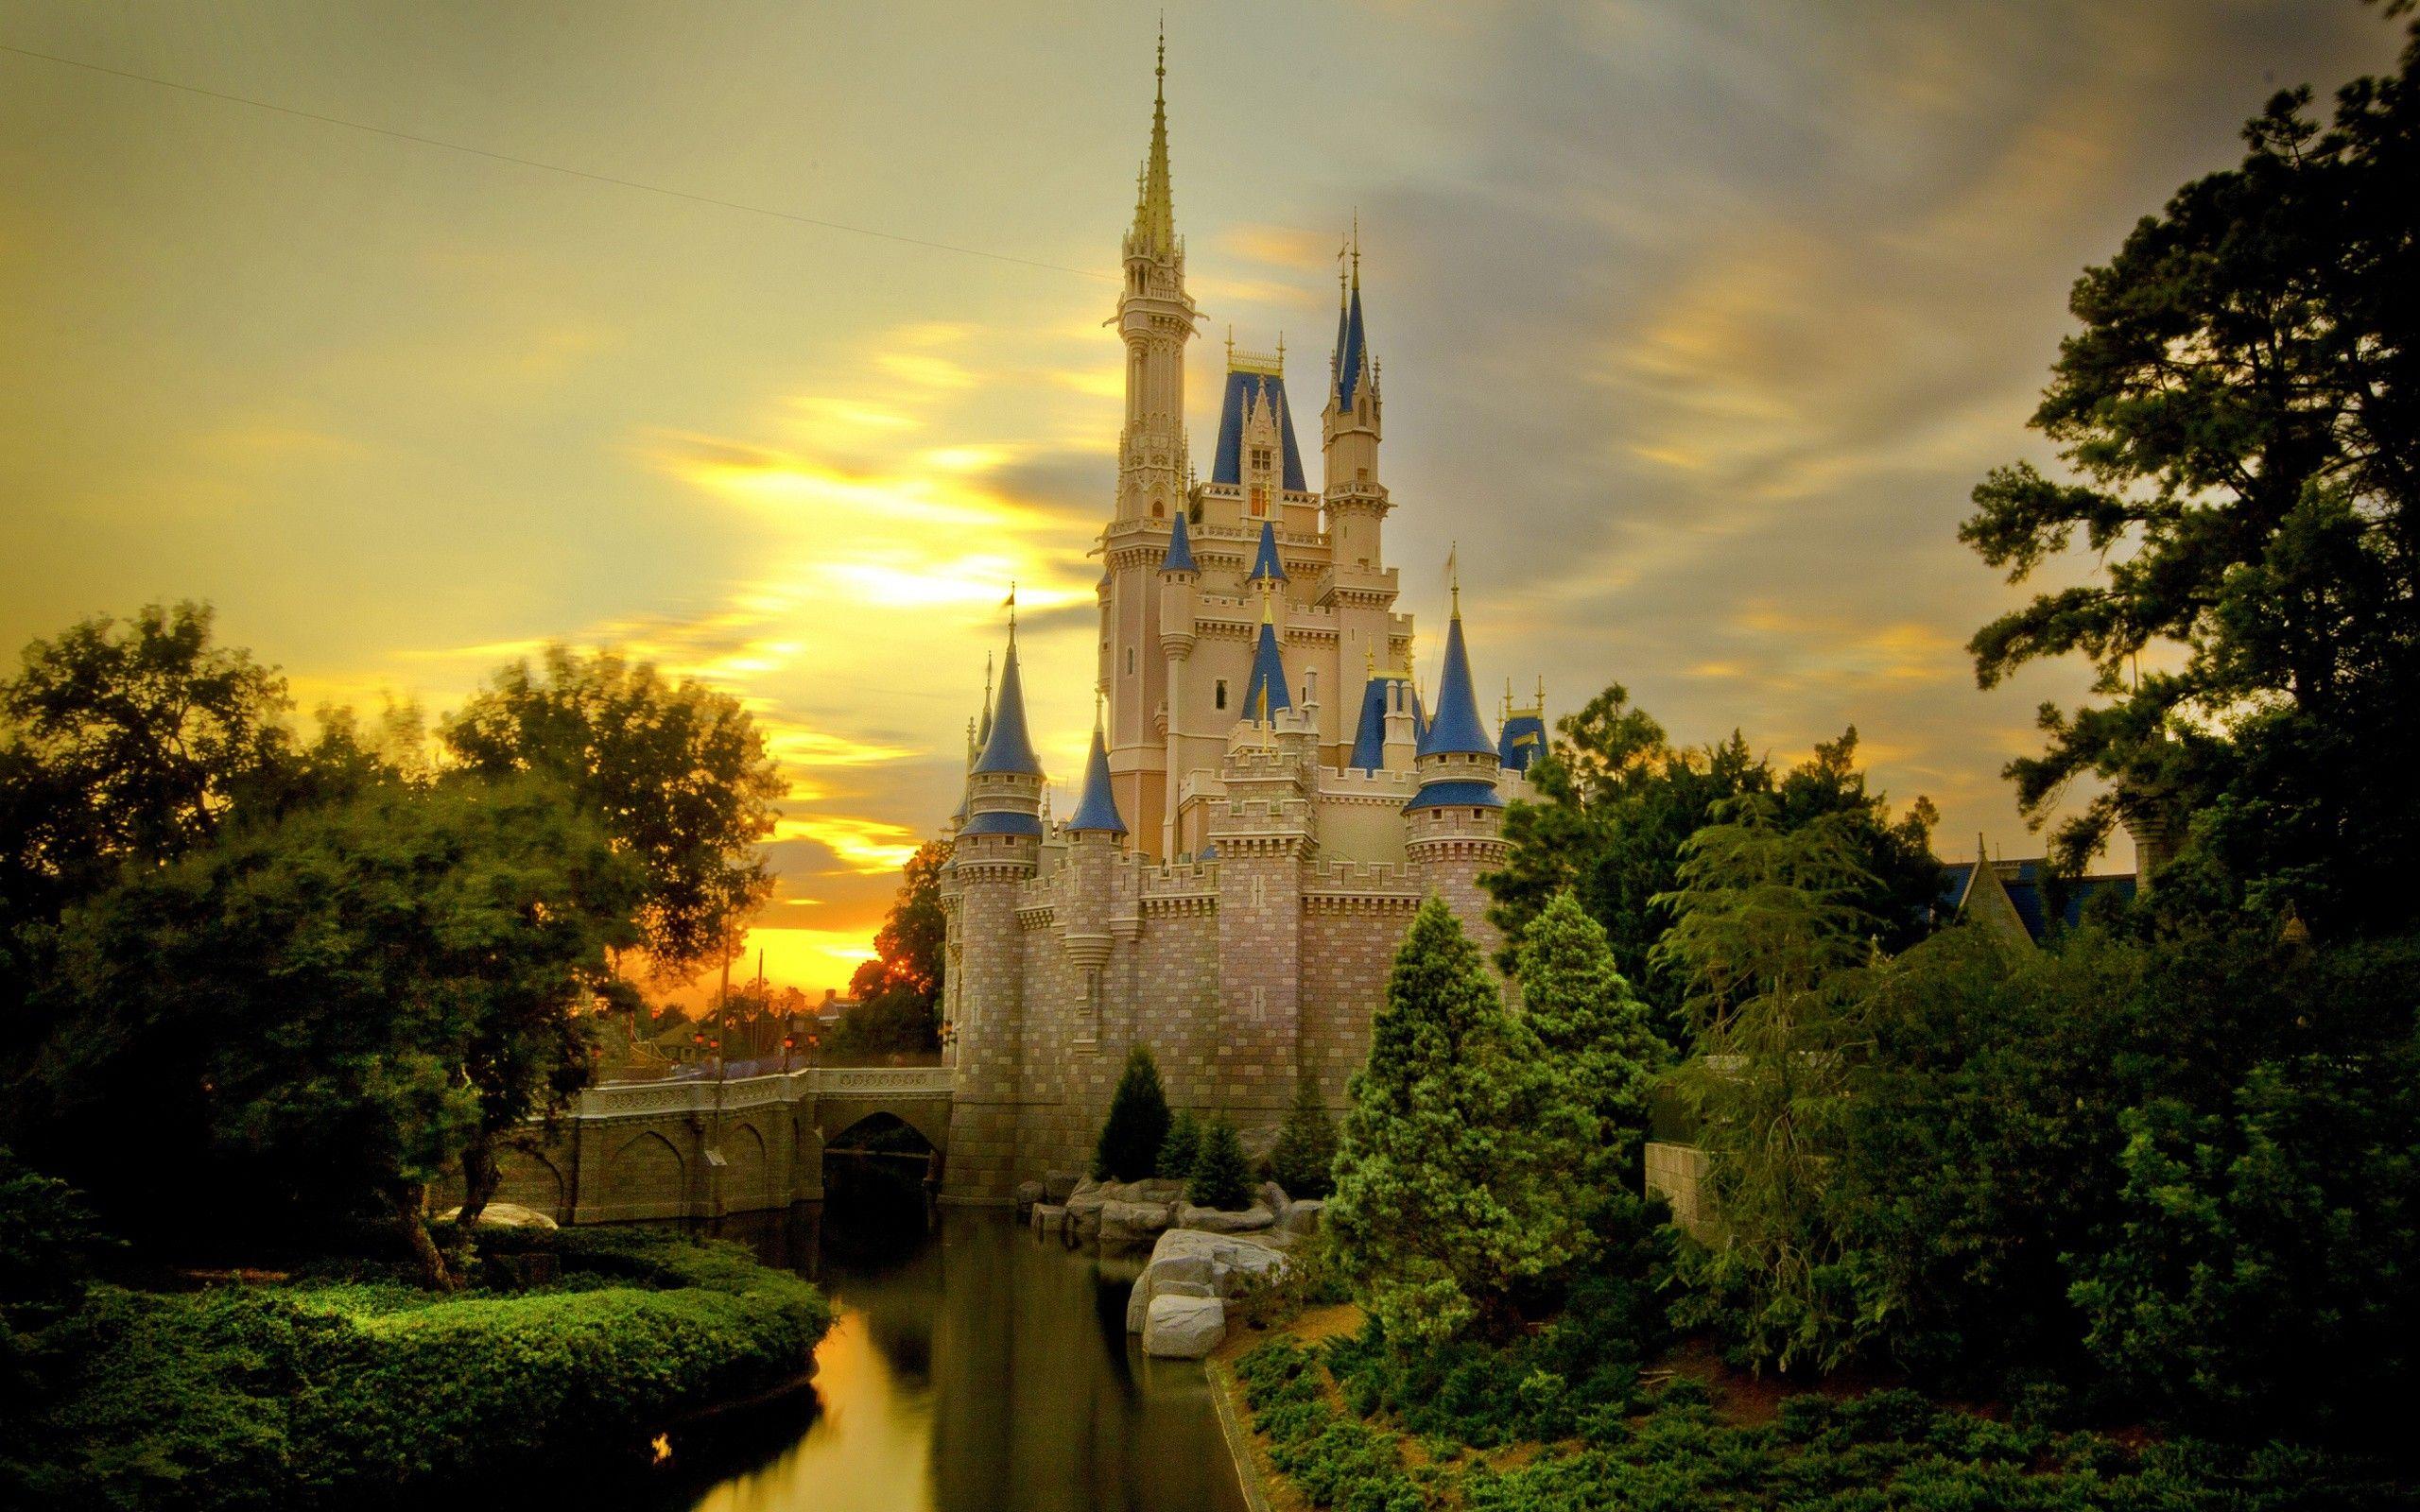 Castillos de princesas hd 2560x1600 imagenes wallpapers gratis castillos de princesas hd 2560x1600 imagenes wallpapers gratis paisajes fondos de pantallas altavistaventures Choice Image